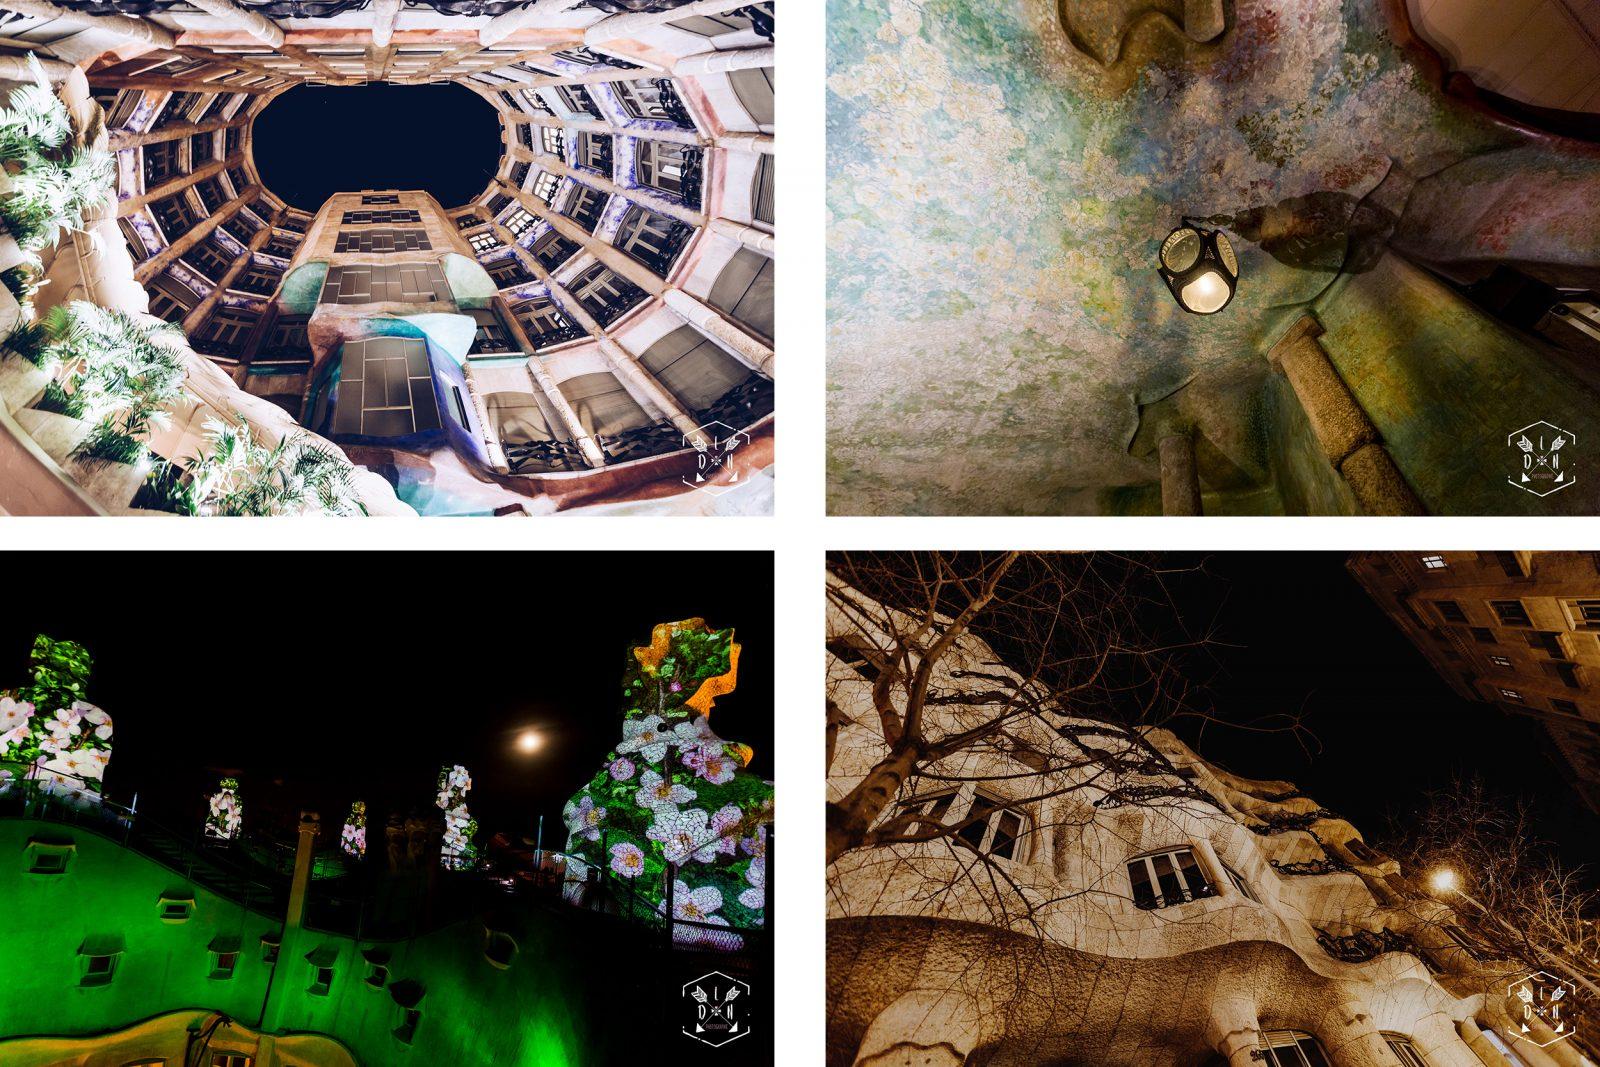 Citytrip Barcelona, photo Espagne, ville de Barcelone, travel blog, blogueuse voyage, la Pedrera, Gaudí, L'oeil de Noémie photographe lifestyle urban style à Barcelone en Espagne